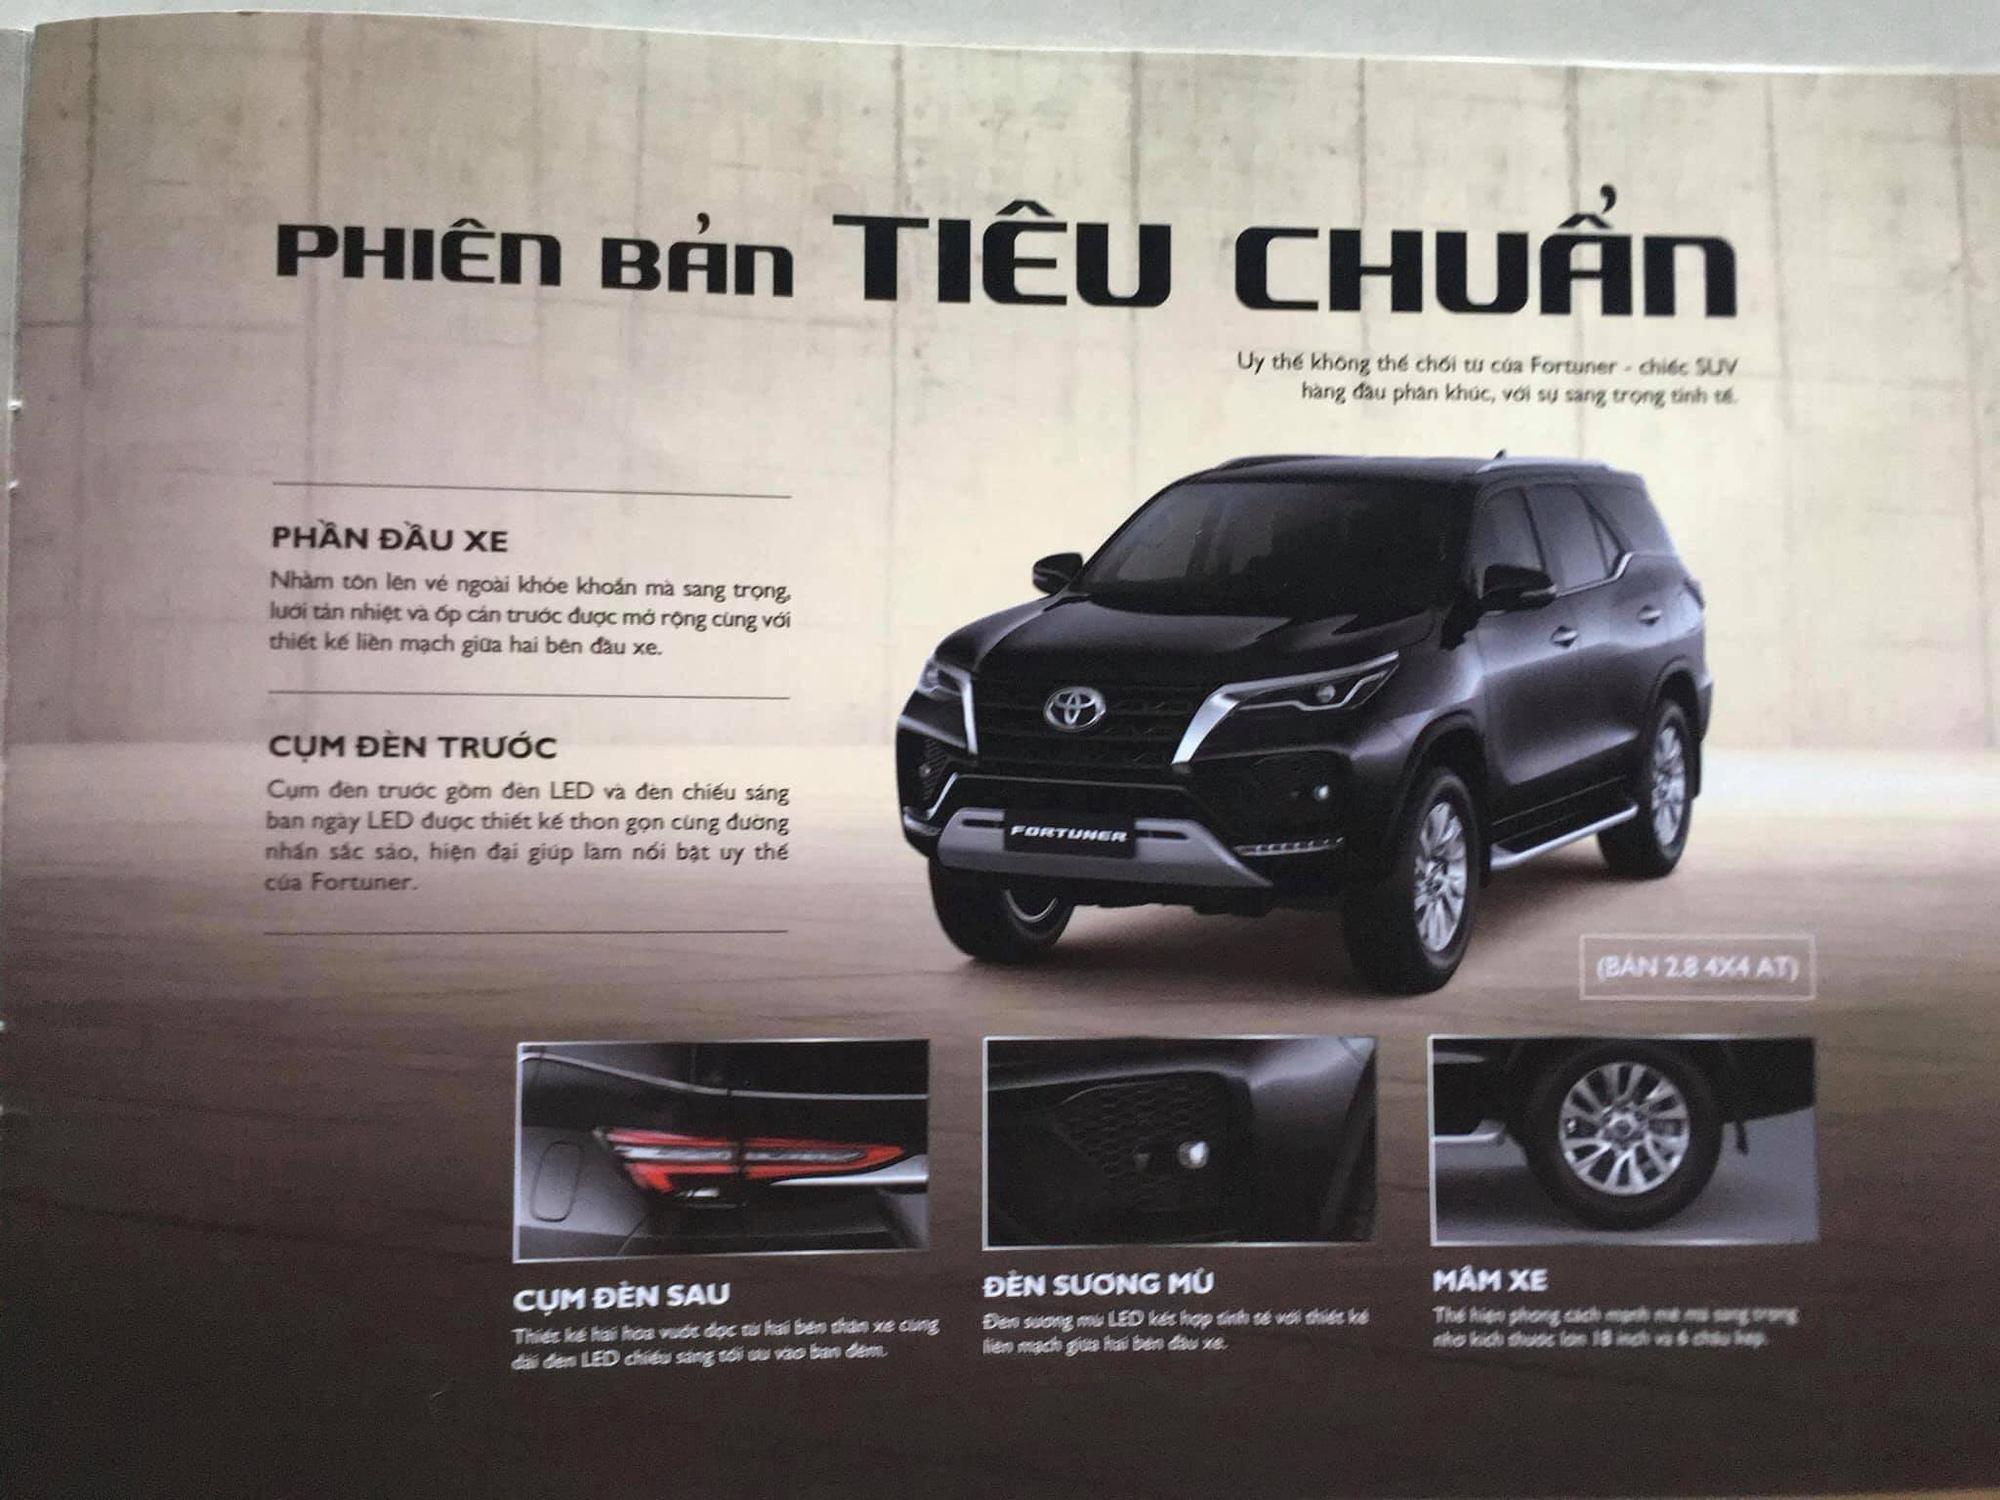 Bảng thông số kỹ thuật của Toyota Fortuner 2021 tại thị trường Việt Nam.